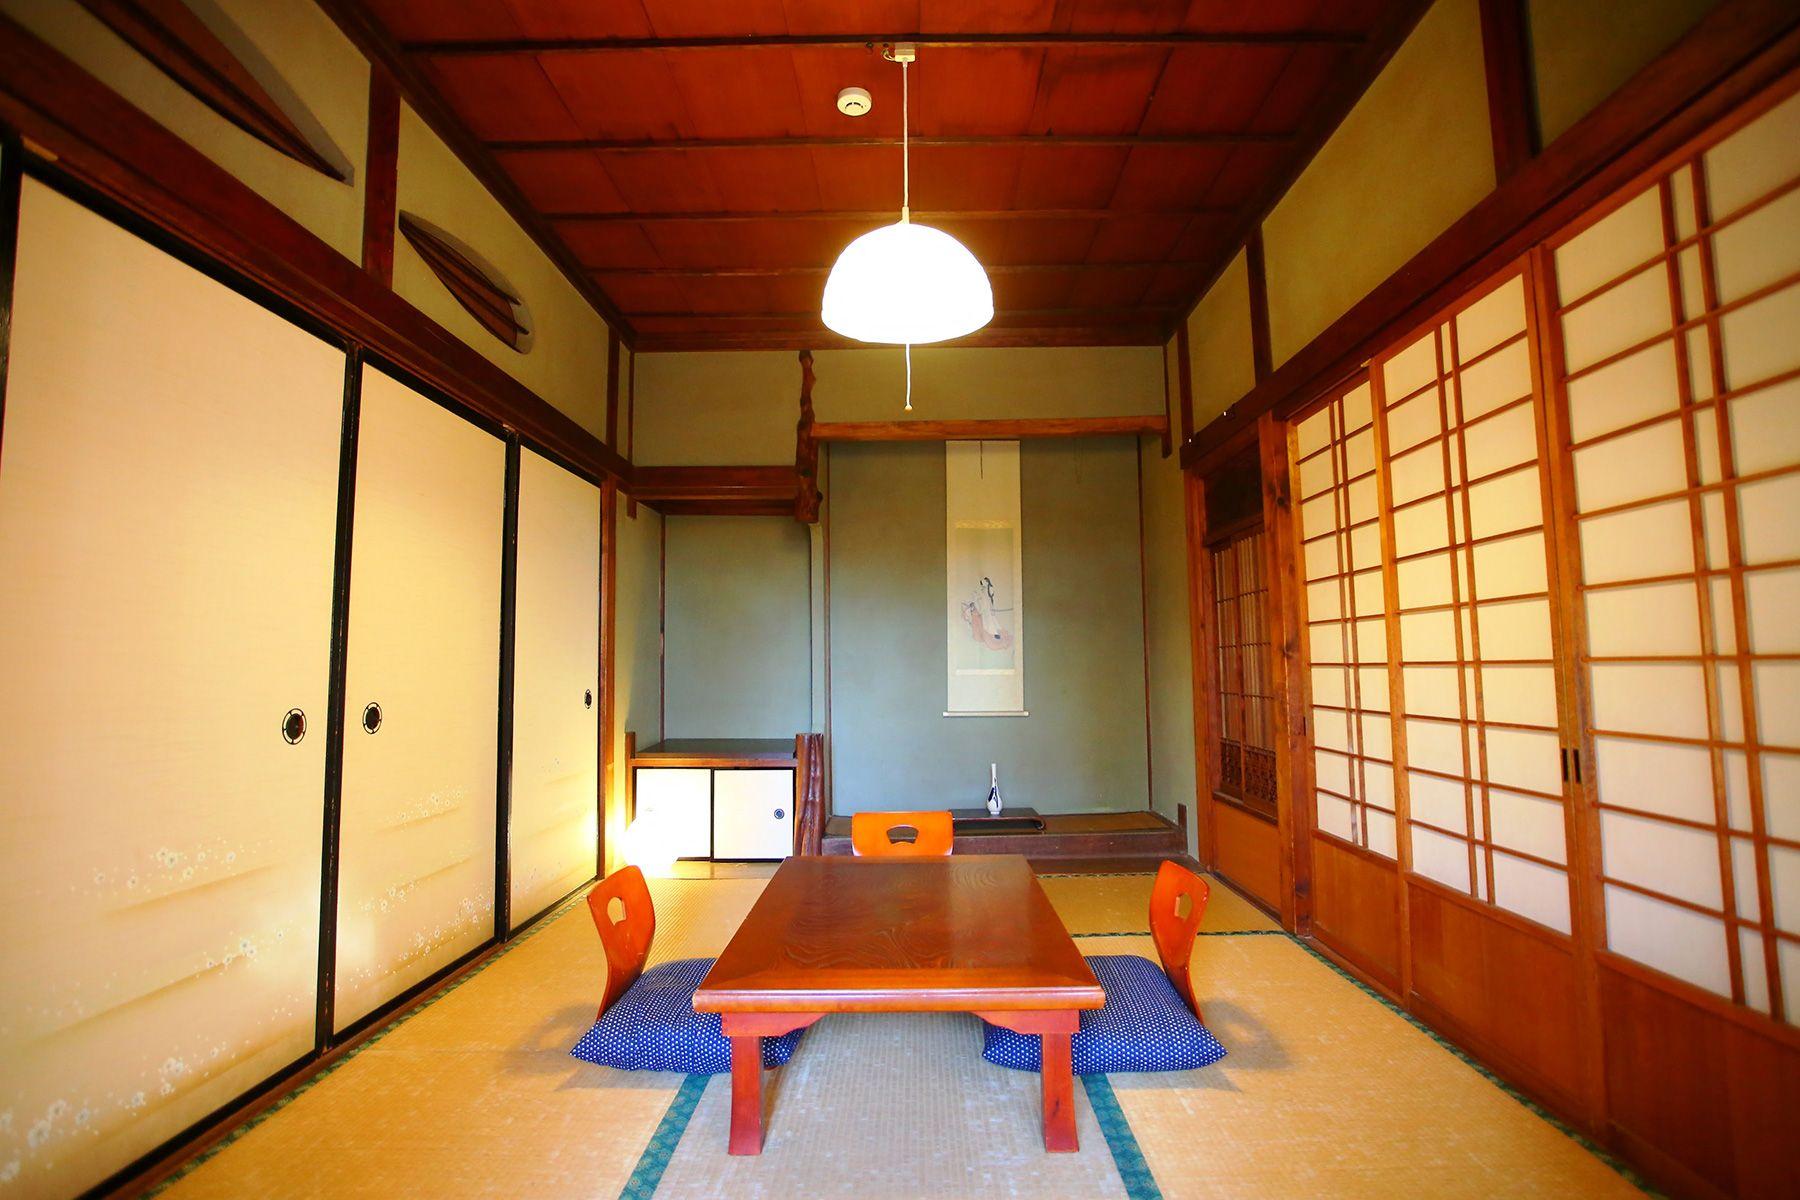 旅館 喜多屋 (キタヤ)1階客室4